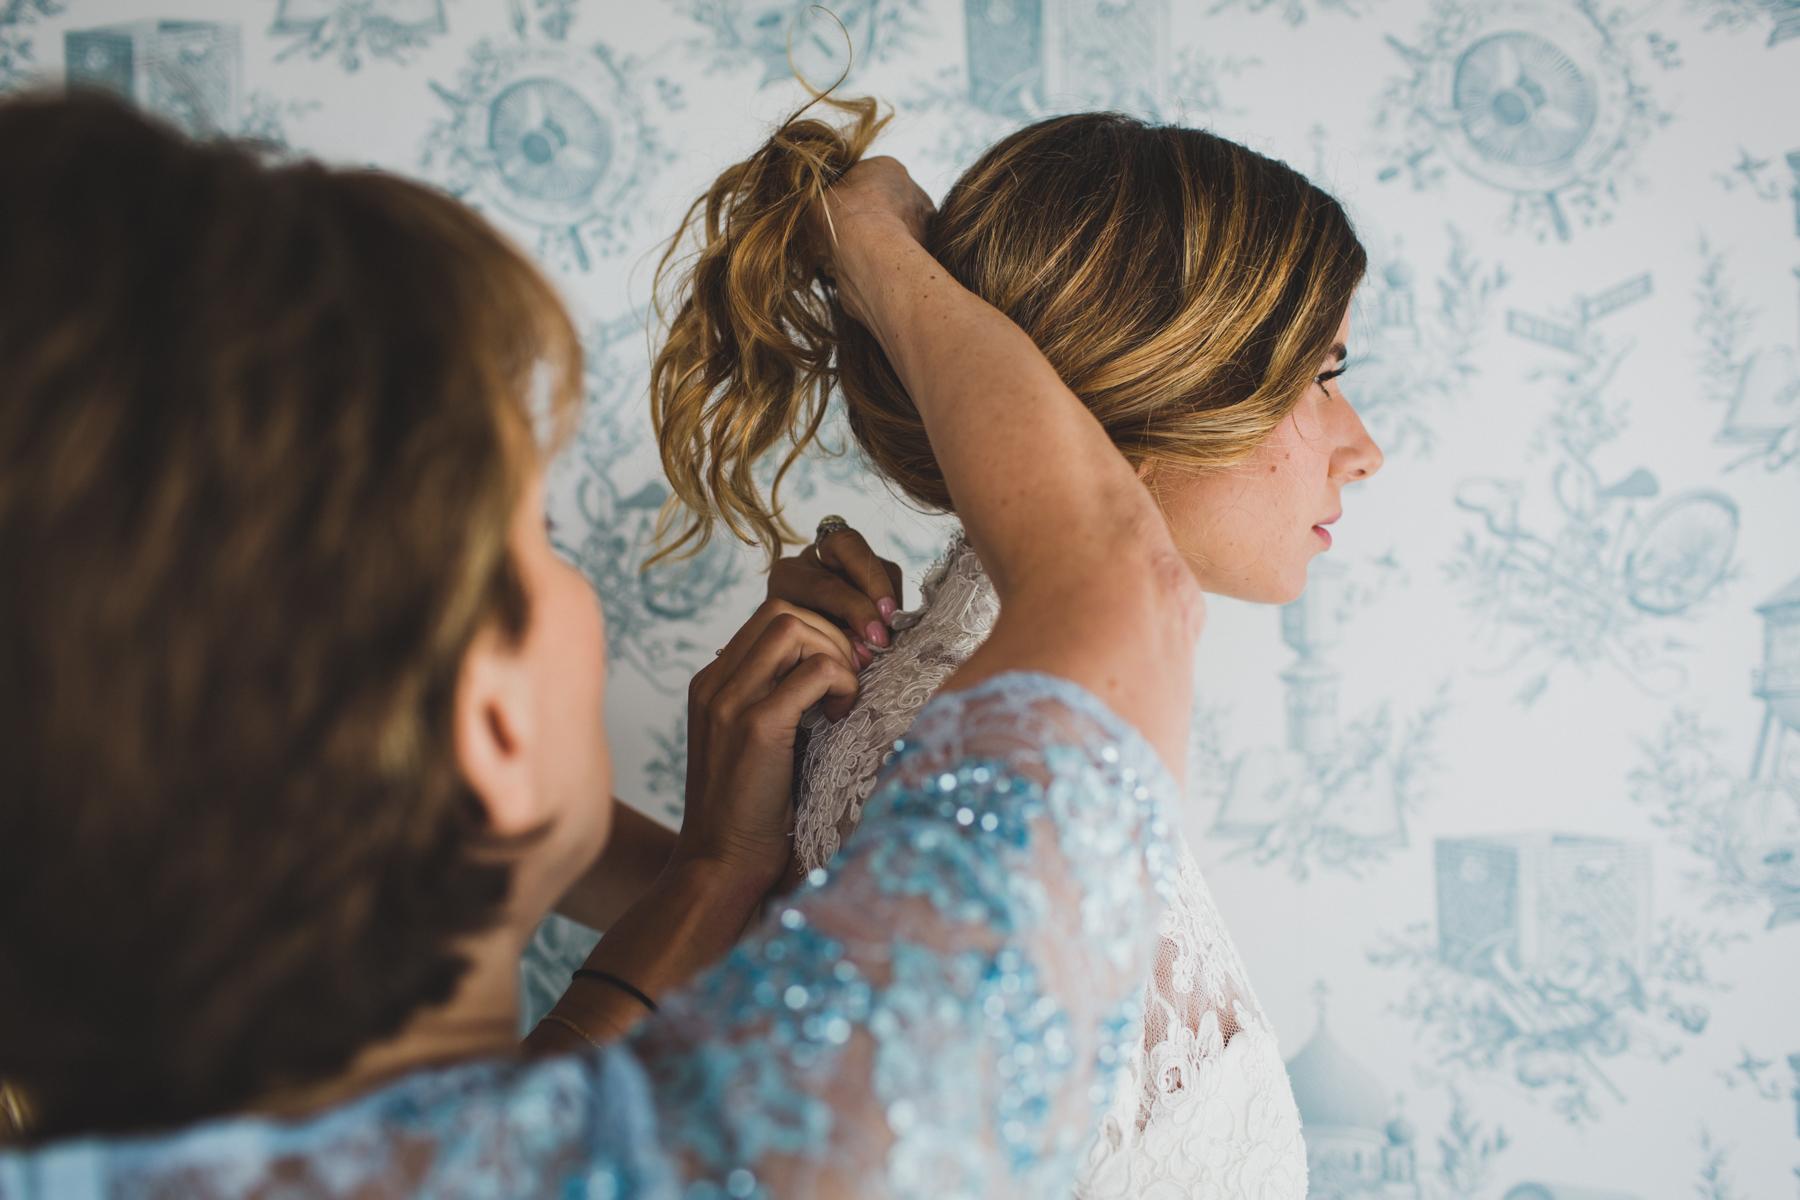 Wythe-Hotel-Green-Building-Brooklyn-Documentary-Wedding-Photography-31.jpg